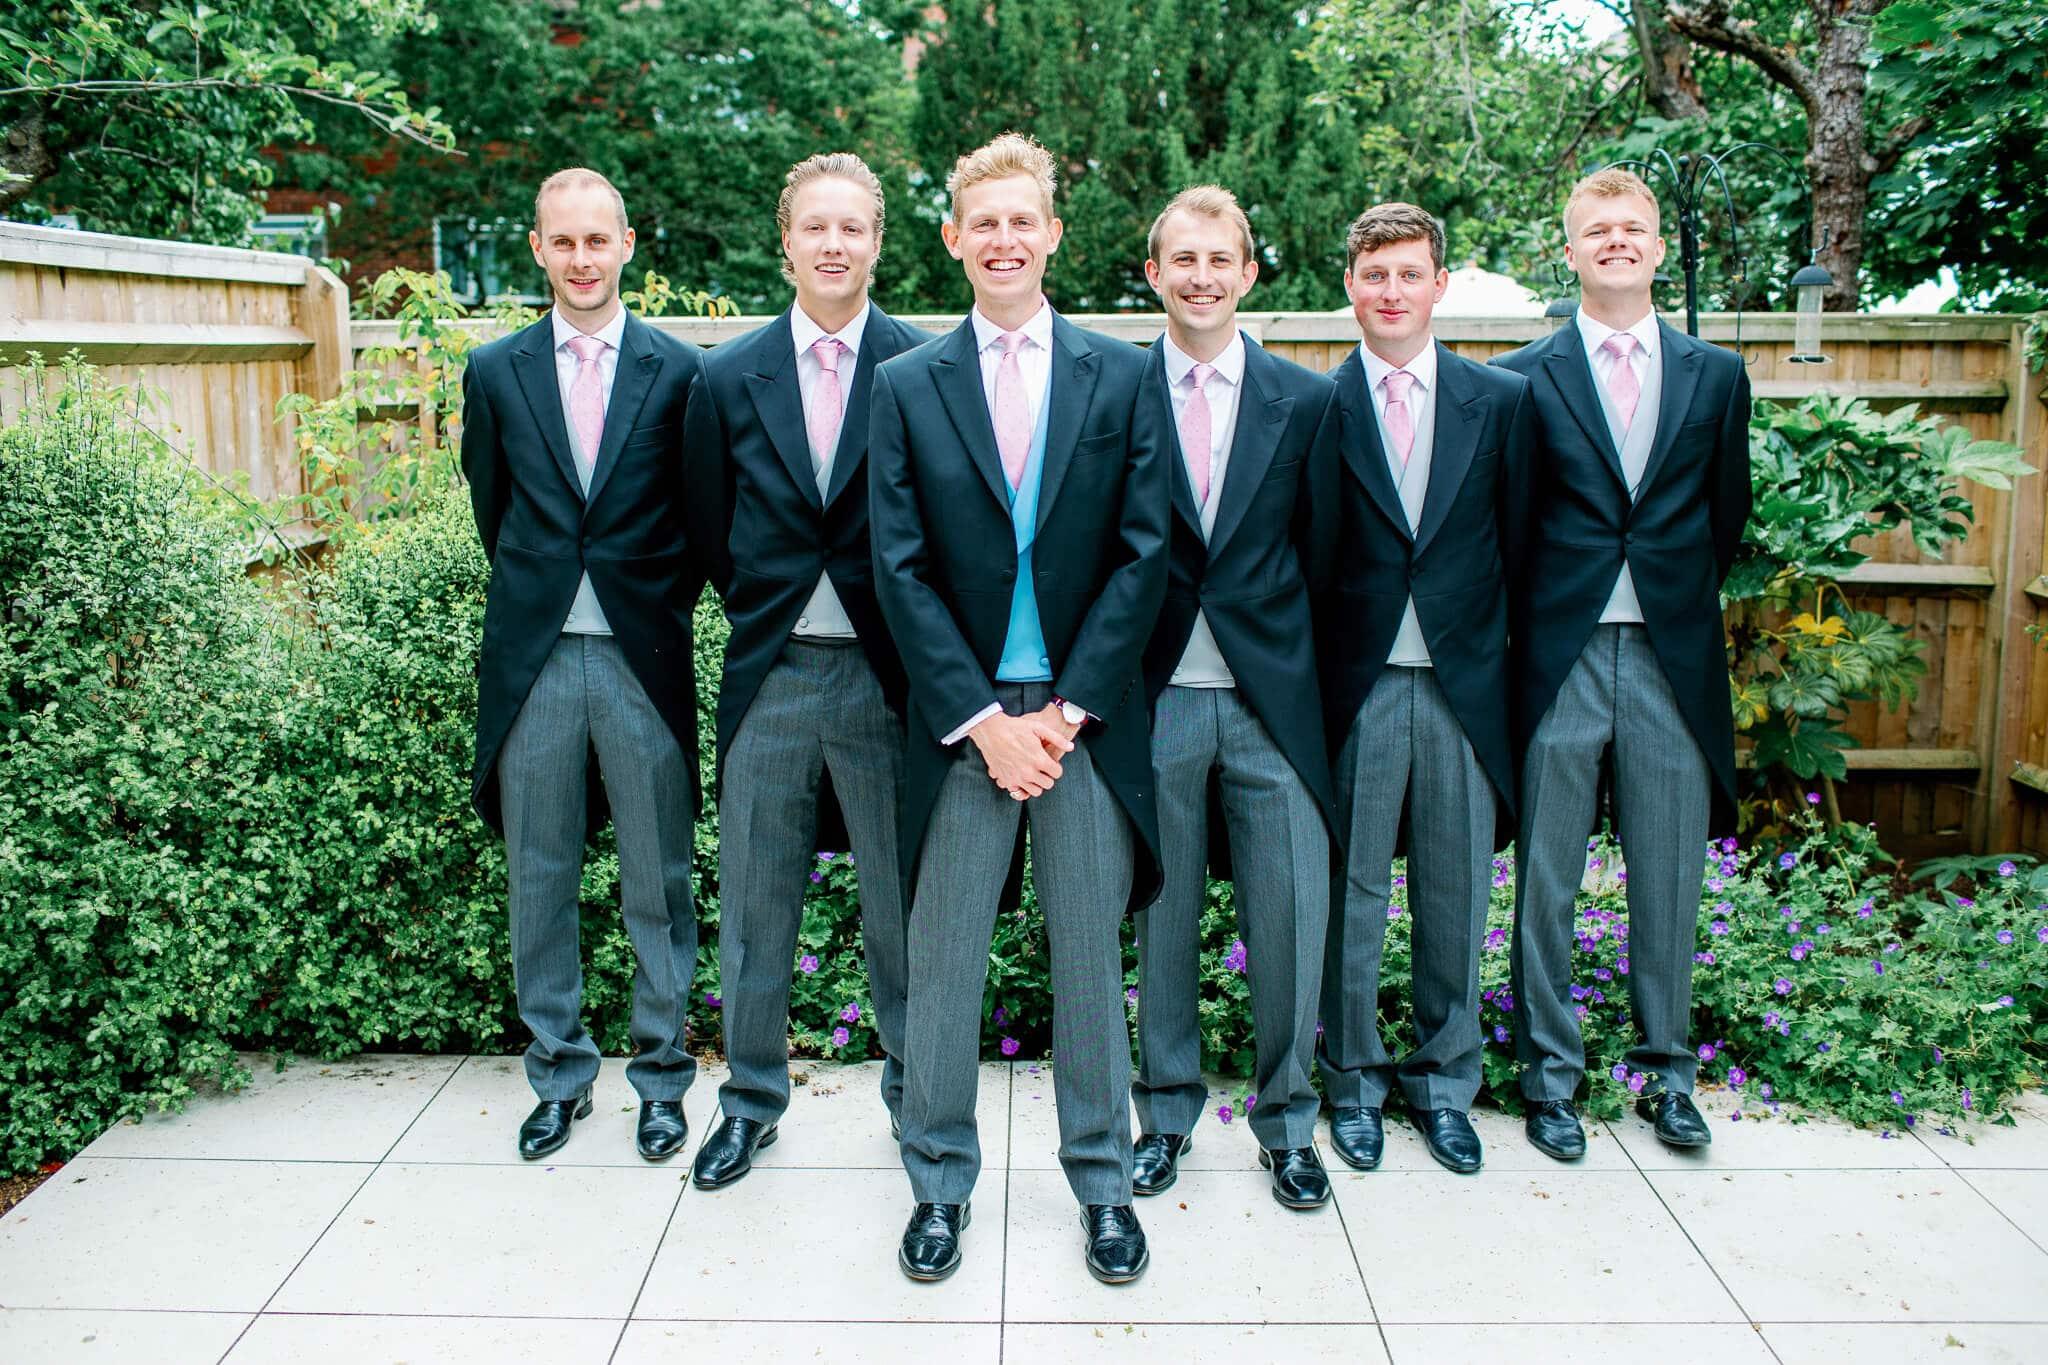 Lains Barn wedding ushers